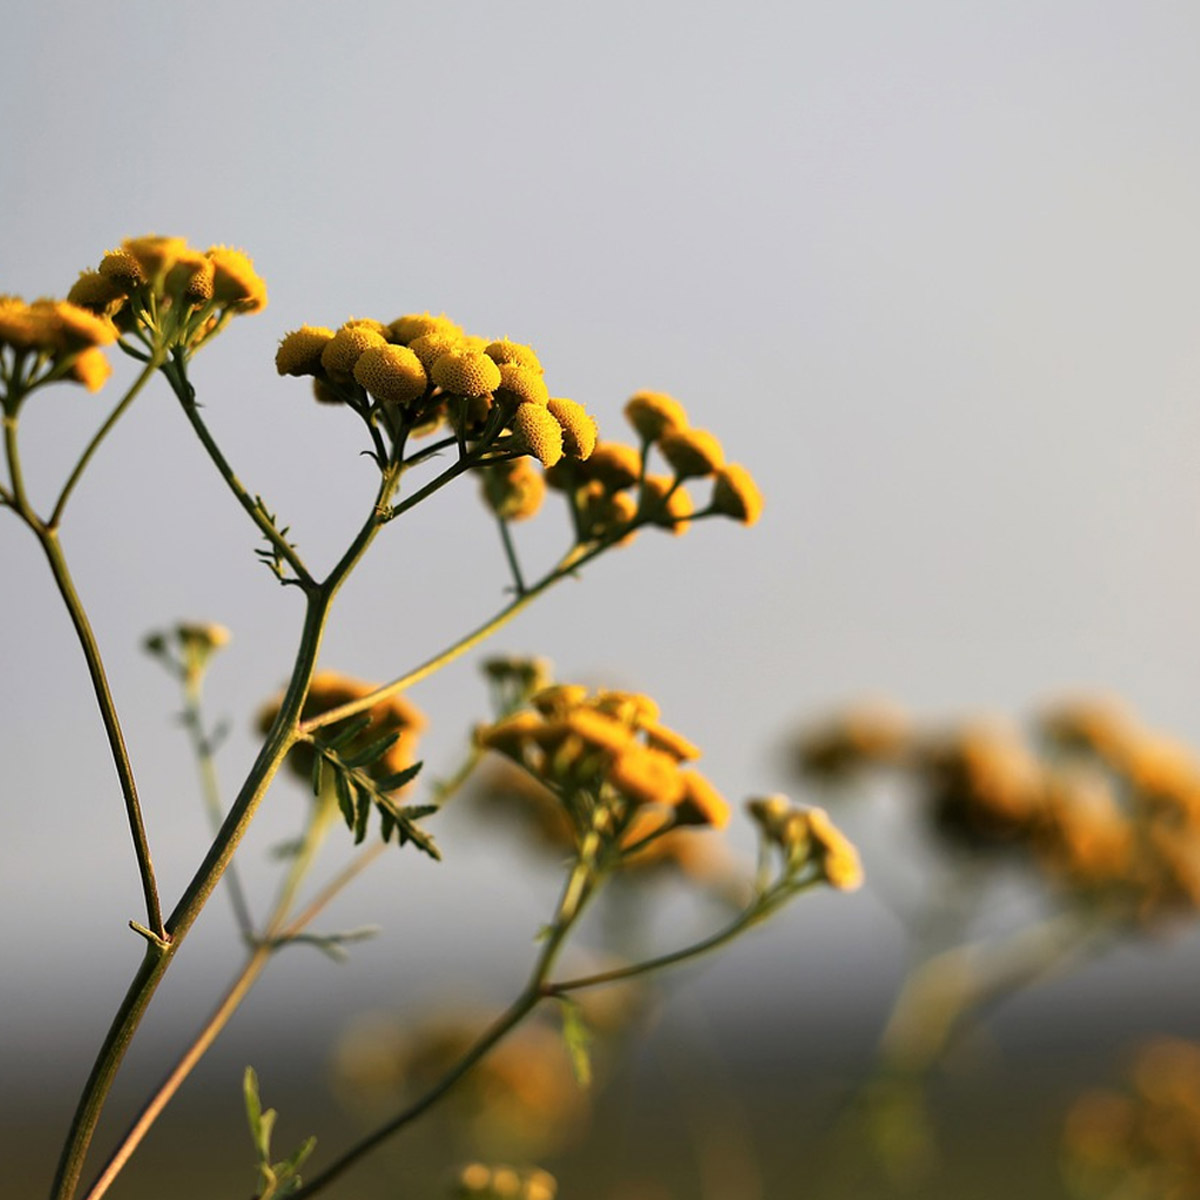 Arbustos mediterráneos ornamentales [Los 5 más decorativos] - Helicriso